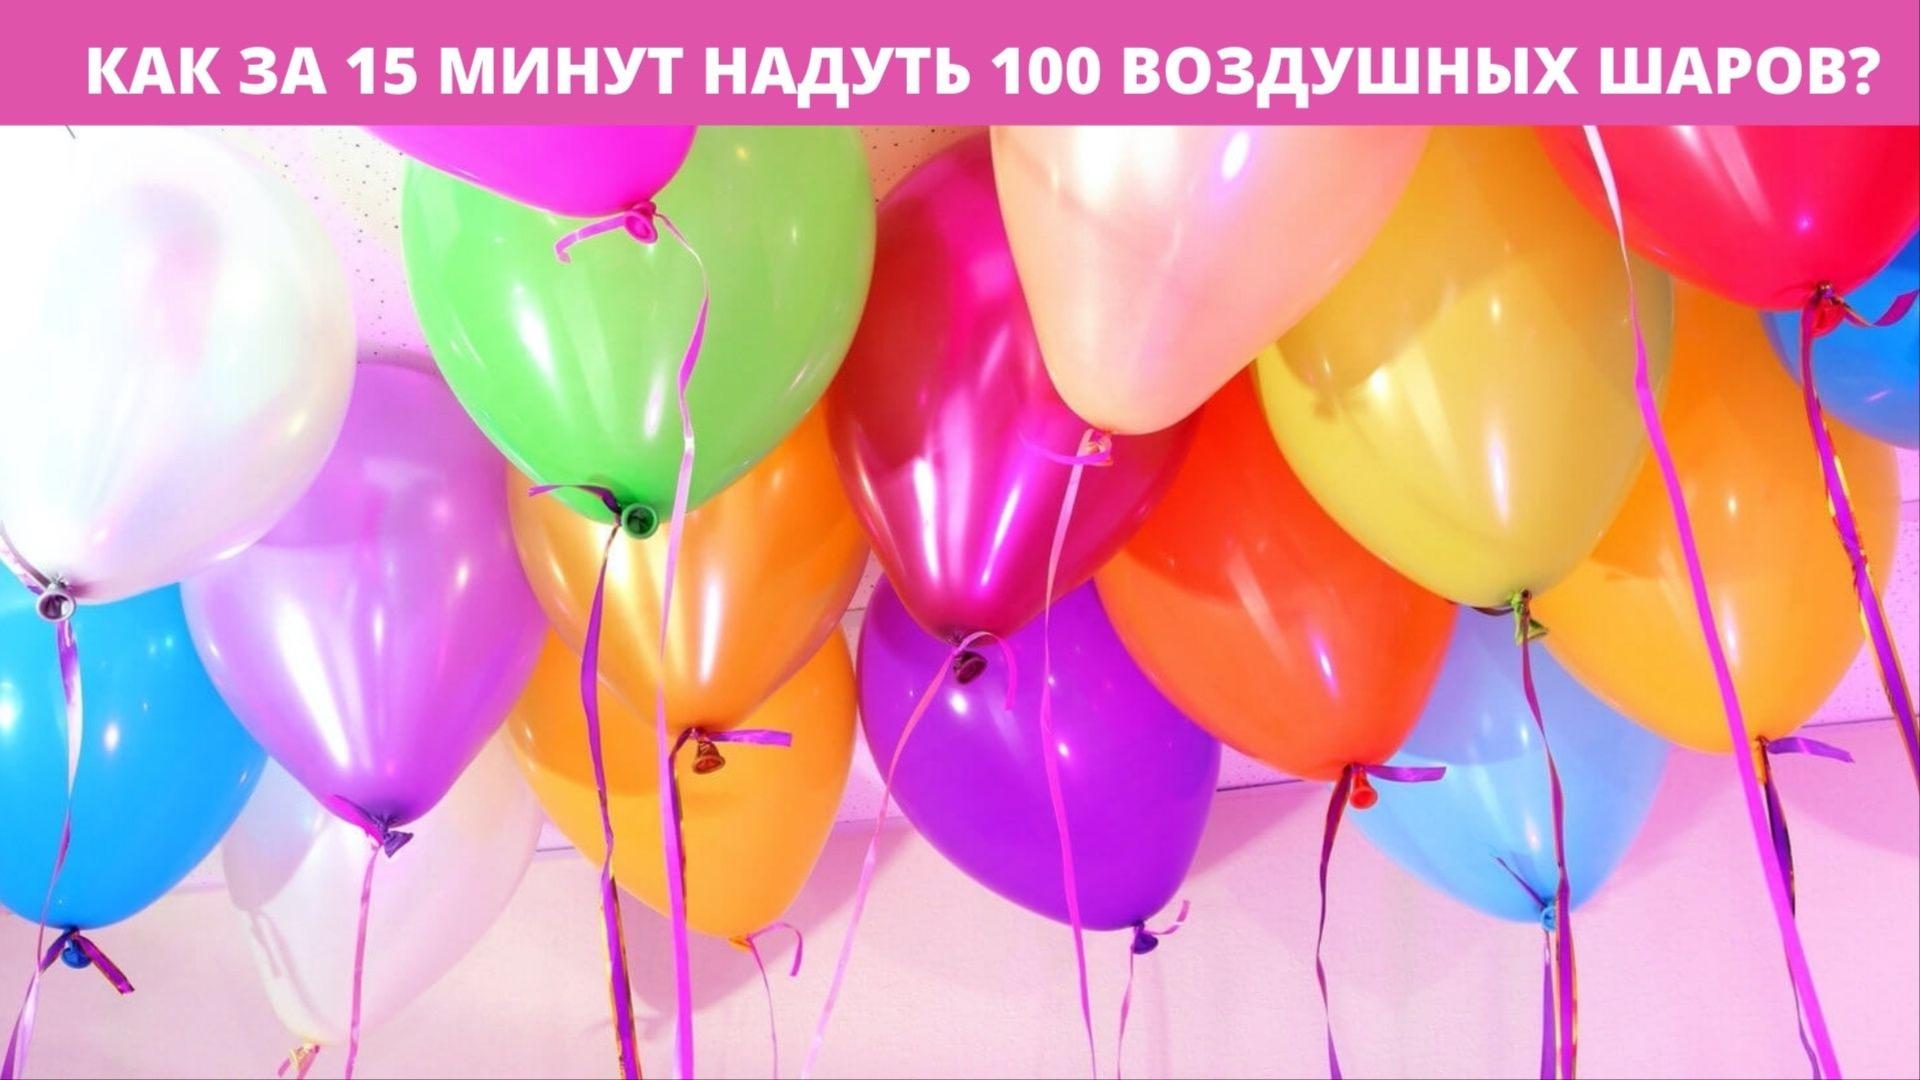 Как за 15 минут надуть 100 воздушных шаров?